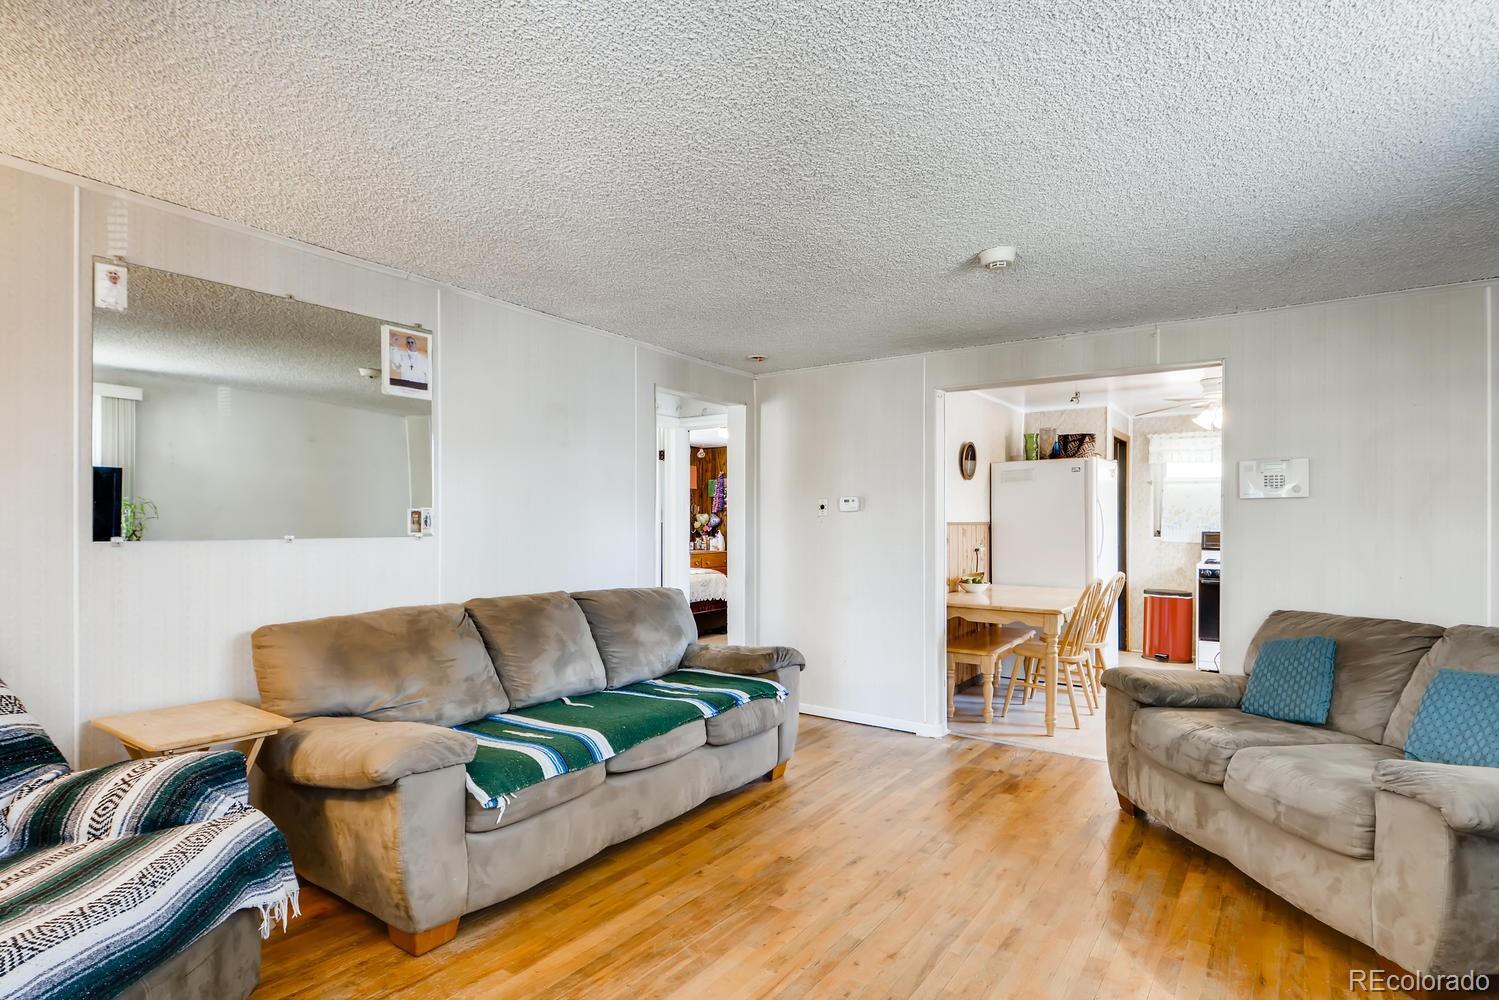 MLS# 5627557 - 5 - 4694 Lincoln Street, Denver, CO 80216